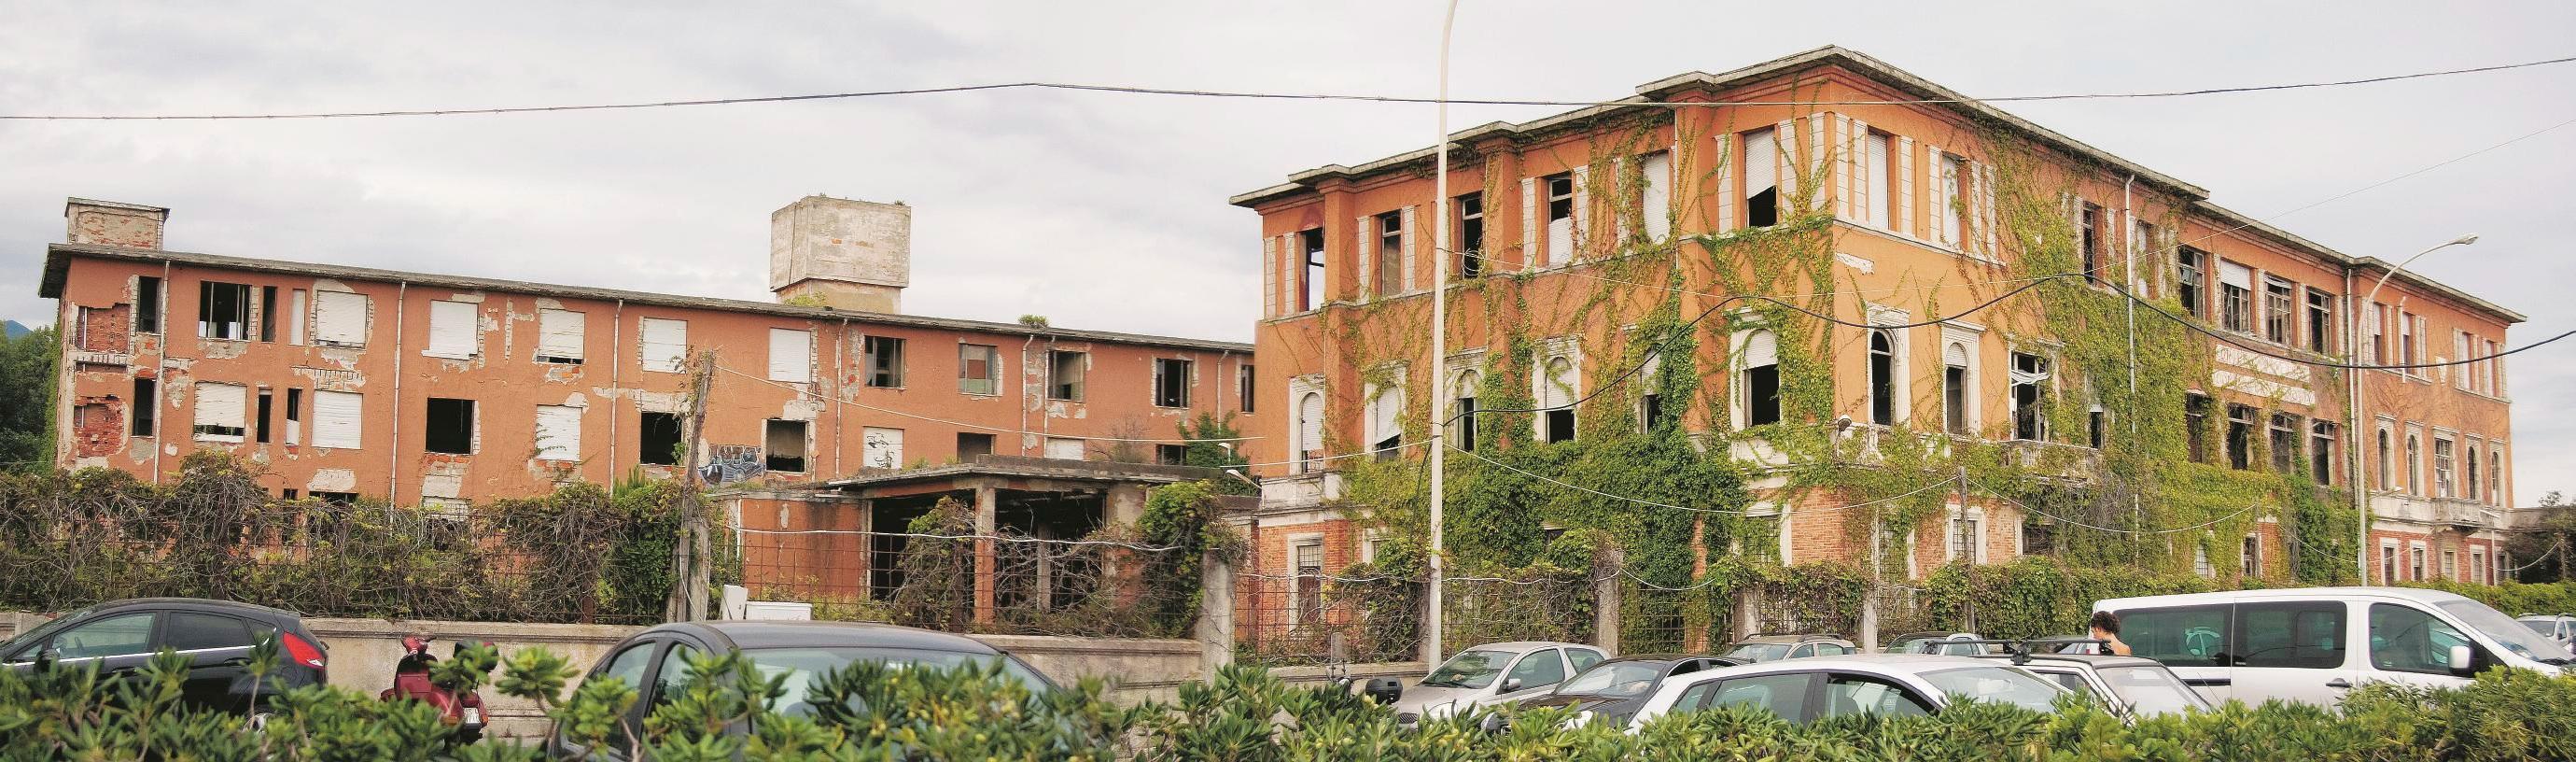 PRIMA. Ex-Colonia Ettore Motta/Edison a Marina di Massa (MC).  Sul Fatto Quotidiano del 08/09/2014 – (Foto di Marco Mirko Nani)